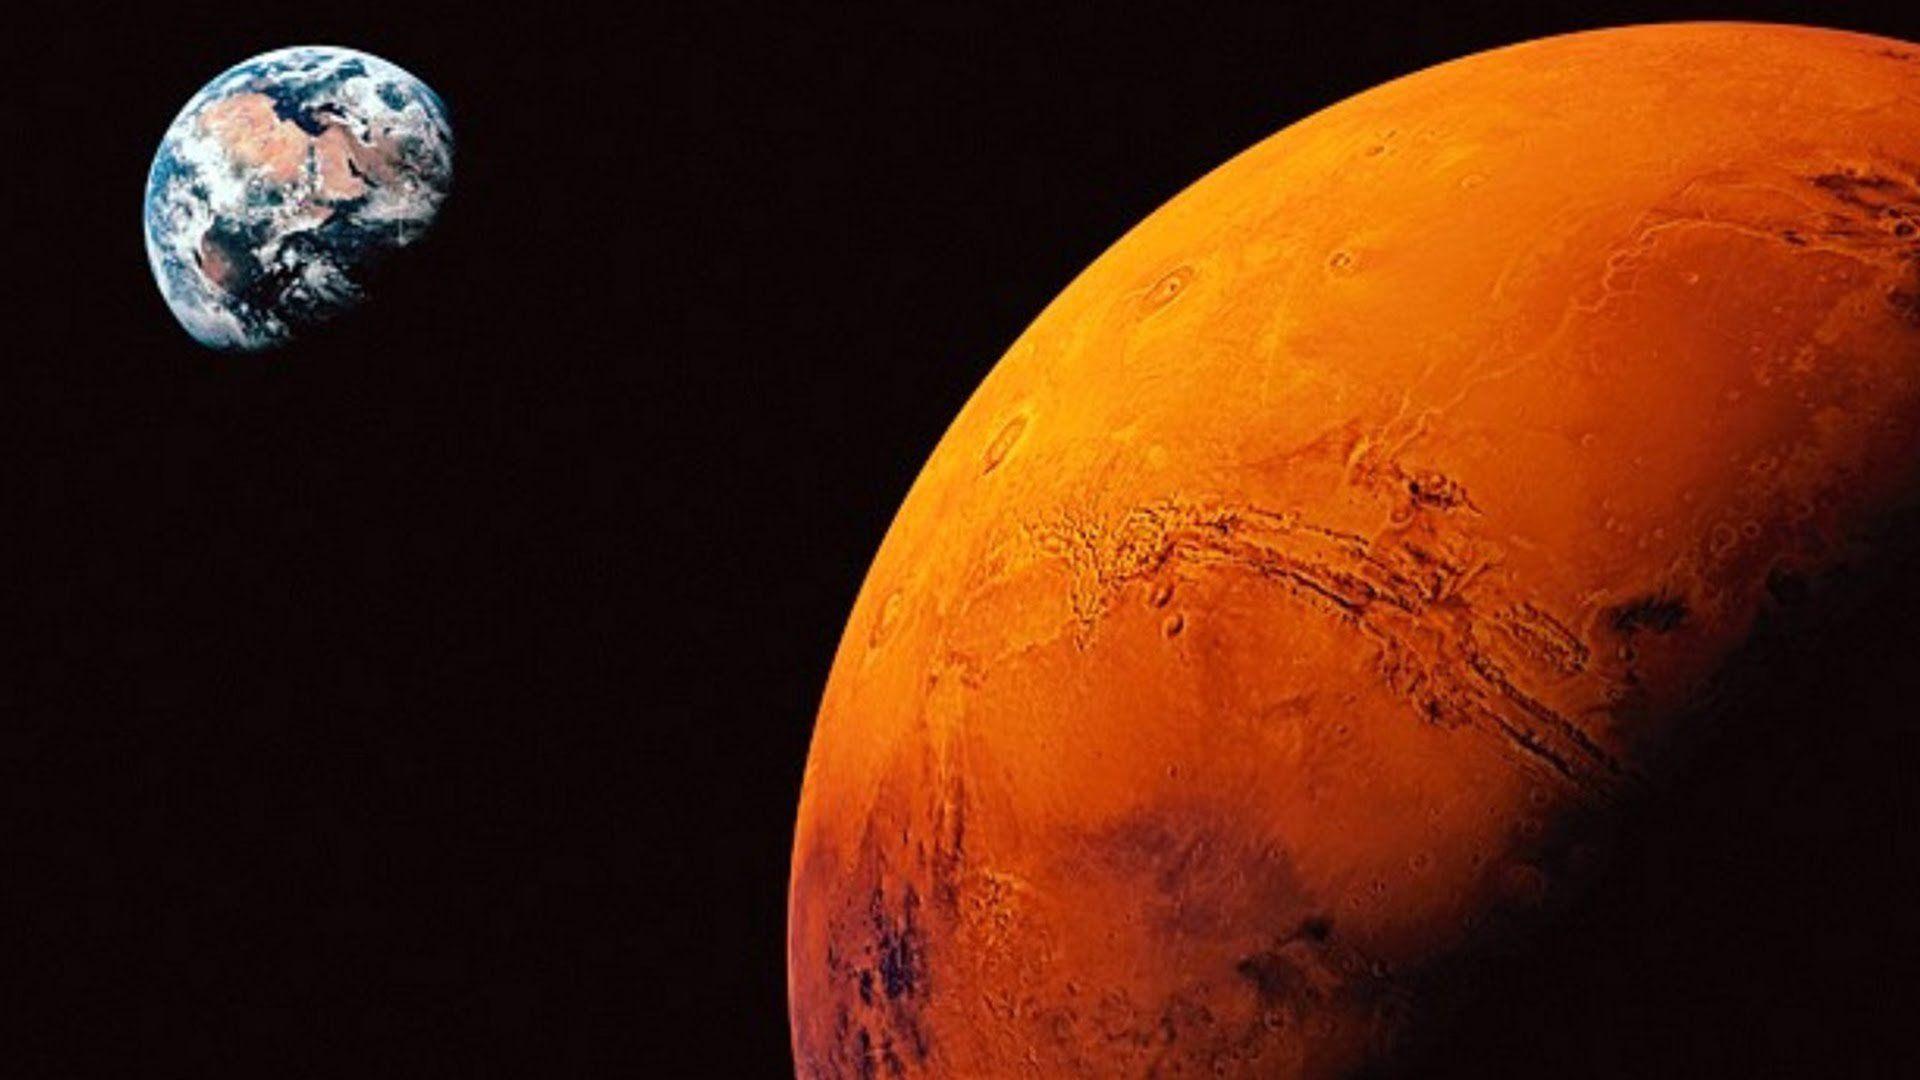 Базз Олдрин: Первые космические поселения наМарсе могут появиться к 2040г.